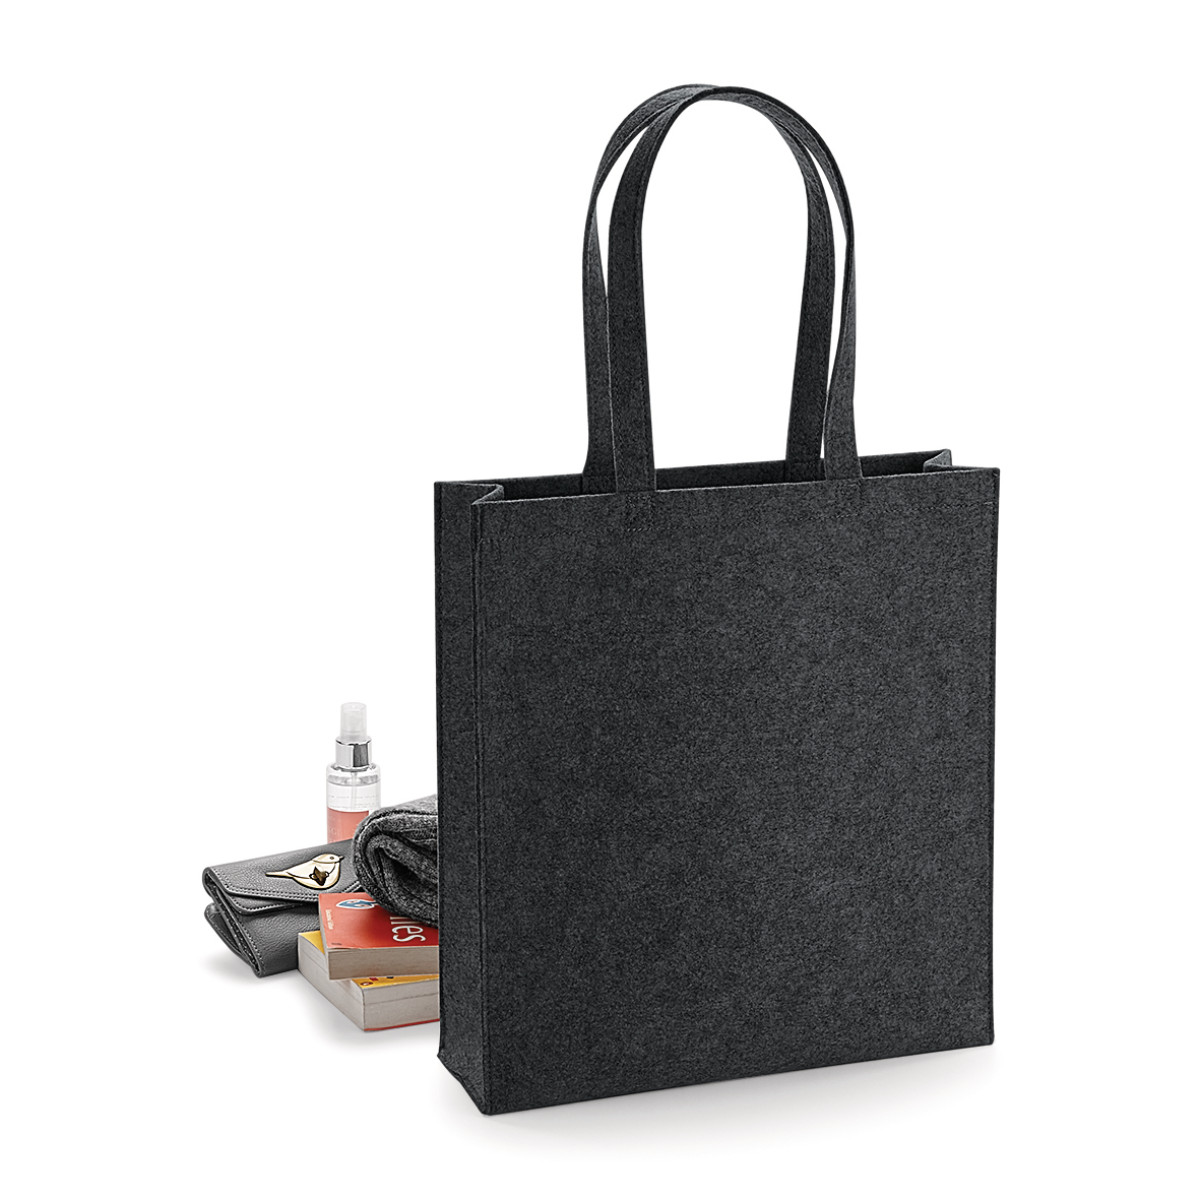 Bagbase Felt Tote Bag